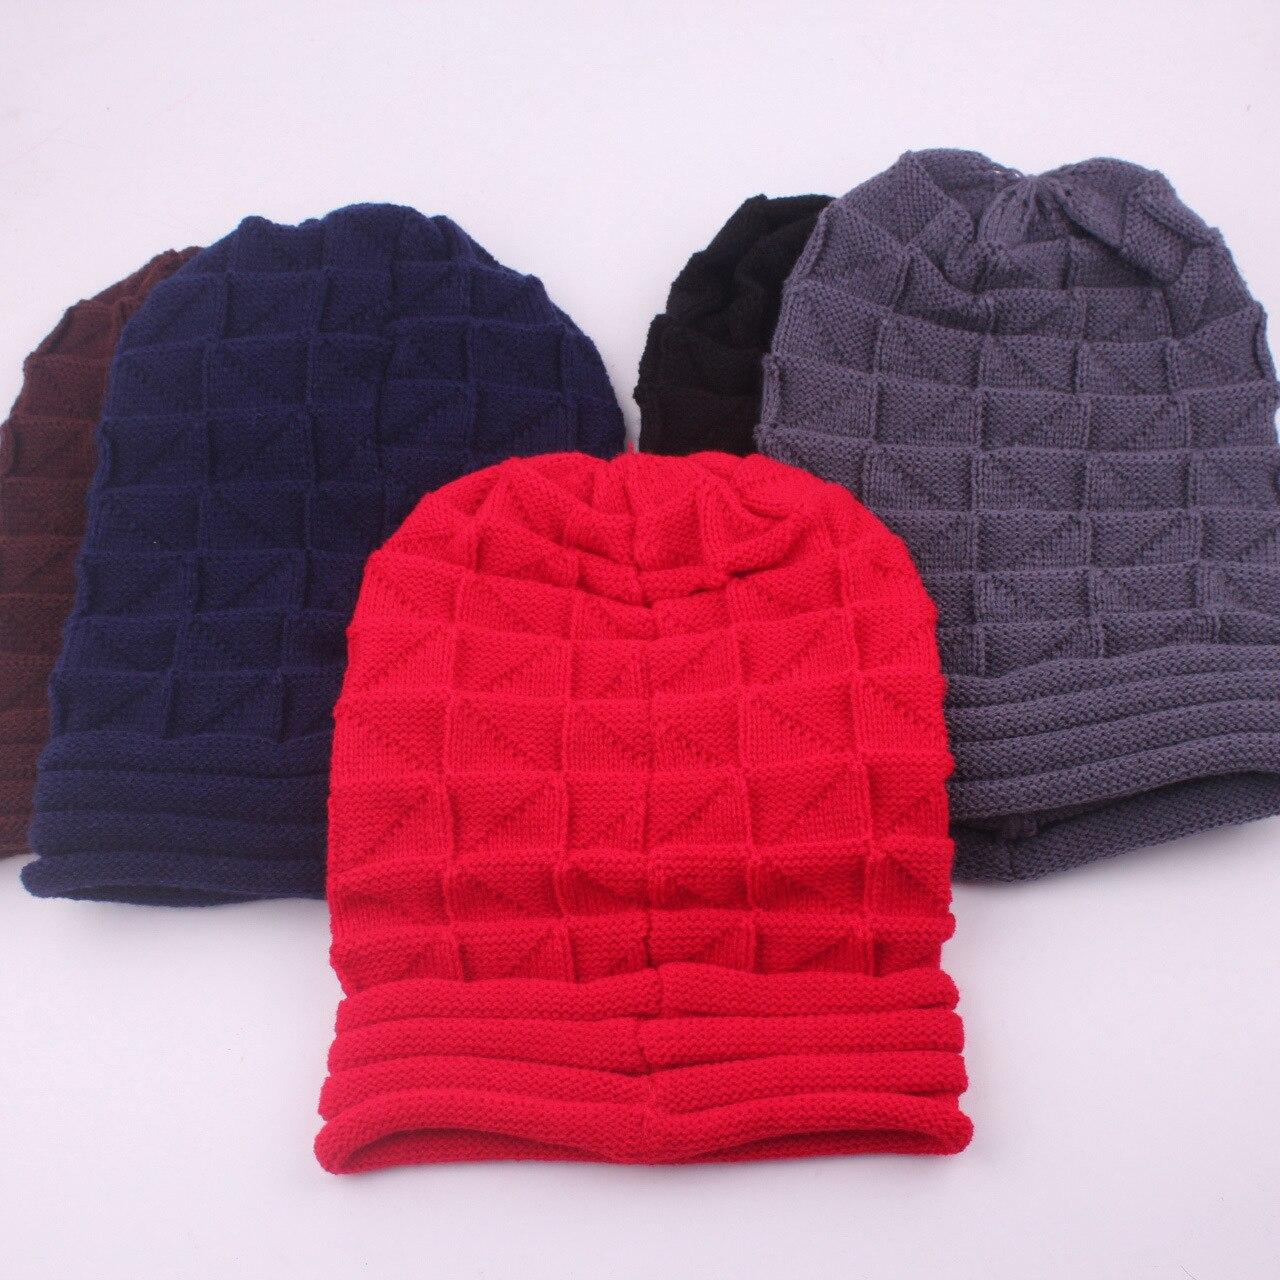 Las mujeres casuales de los hombres de invierno patrón de rayas sombrero Gorros femenino plegable y Curling Gorros sombreros